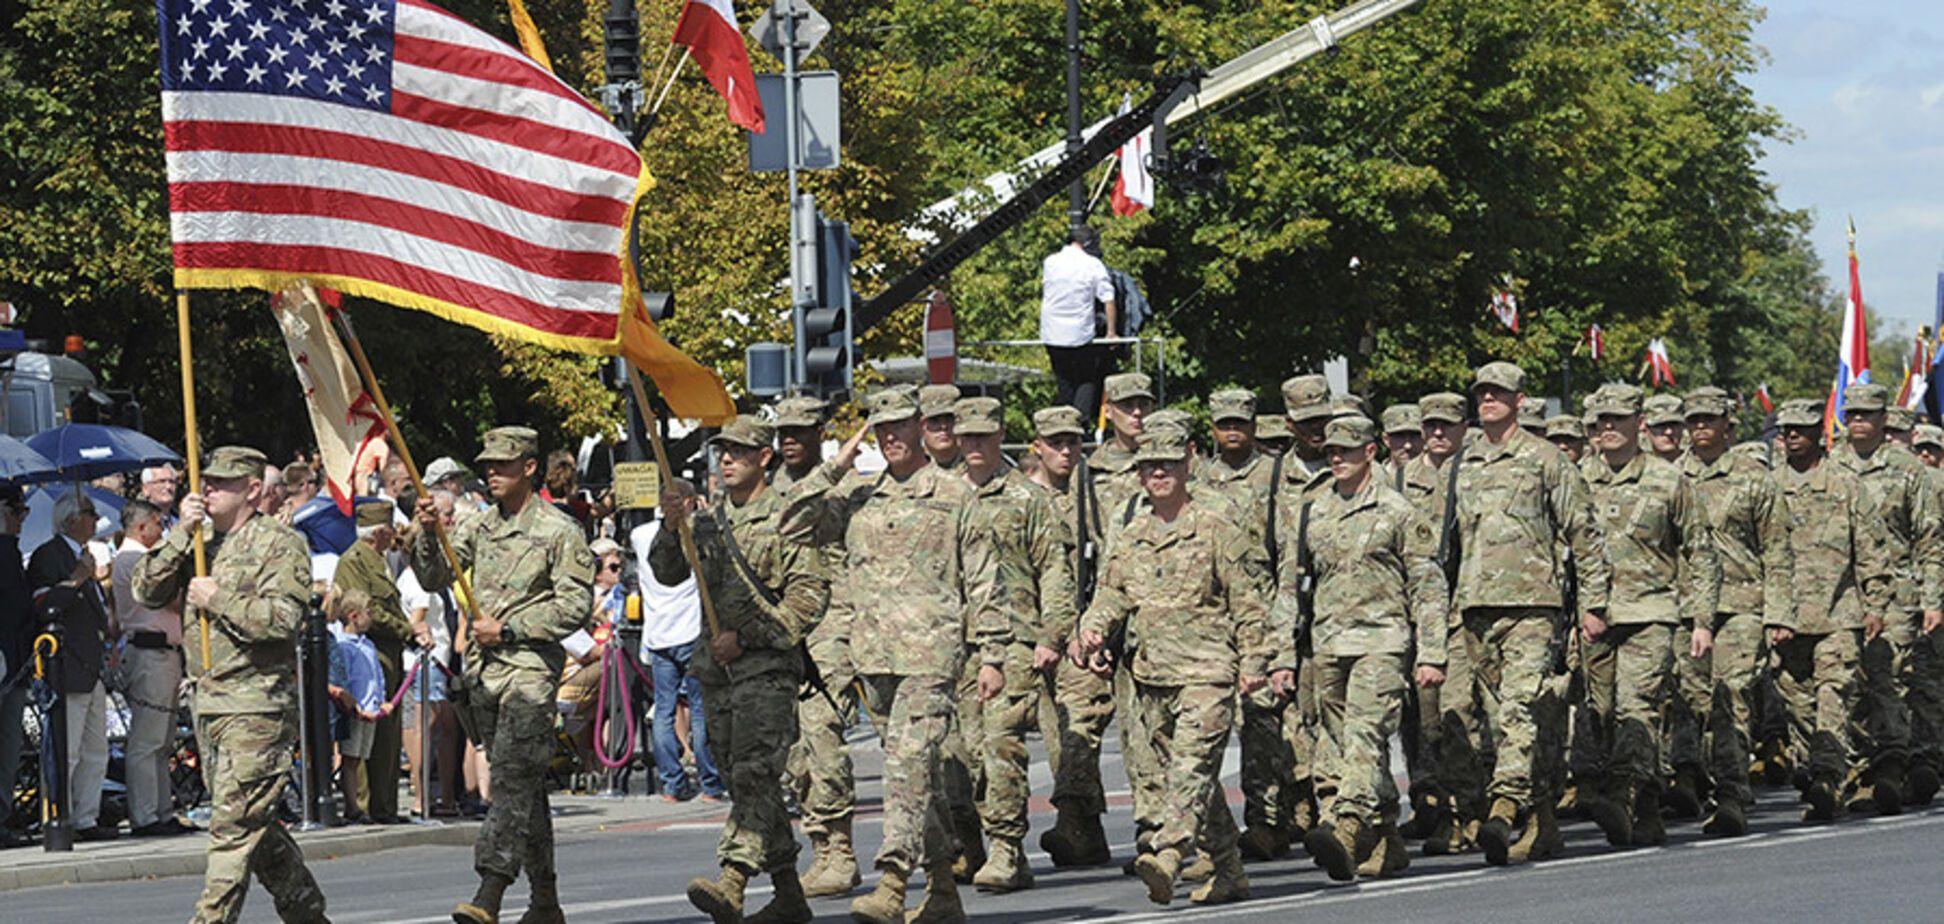 База США в Польше: Кремль пригрозил 'недипломатичным ответом'